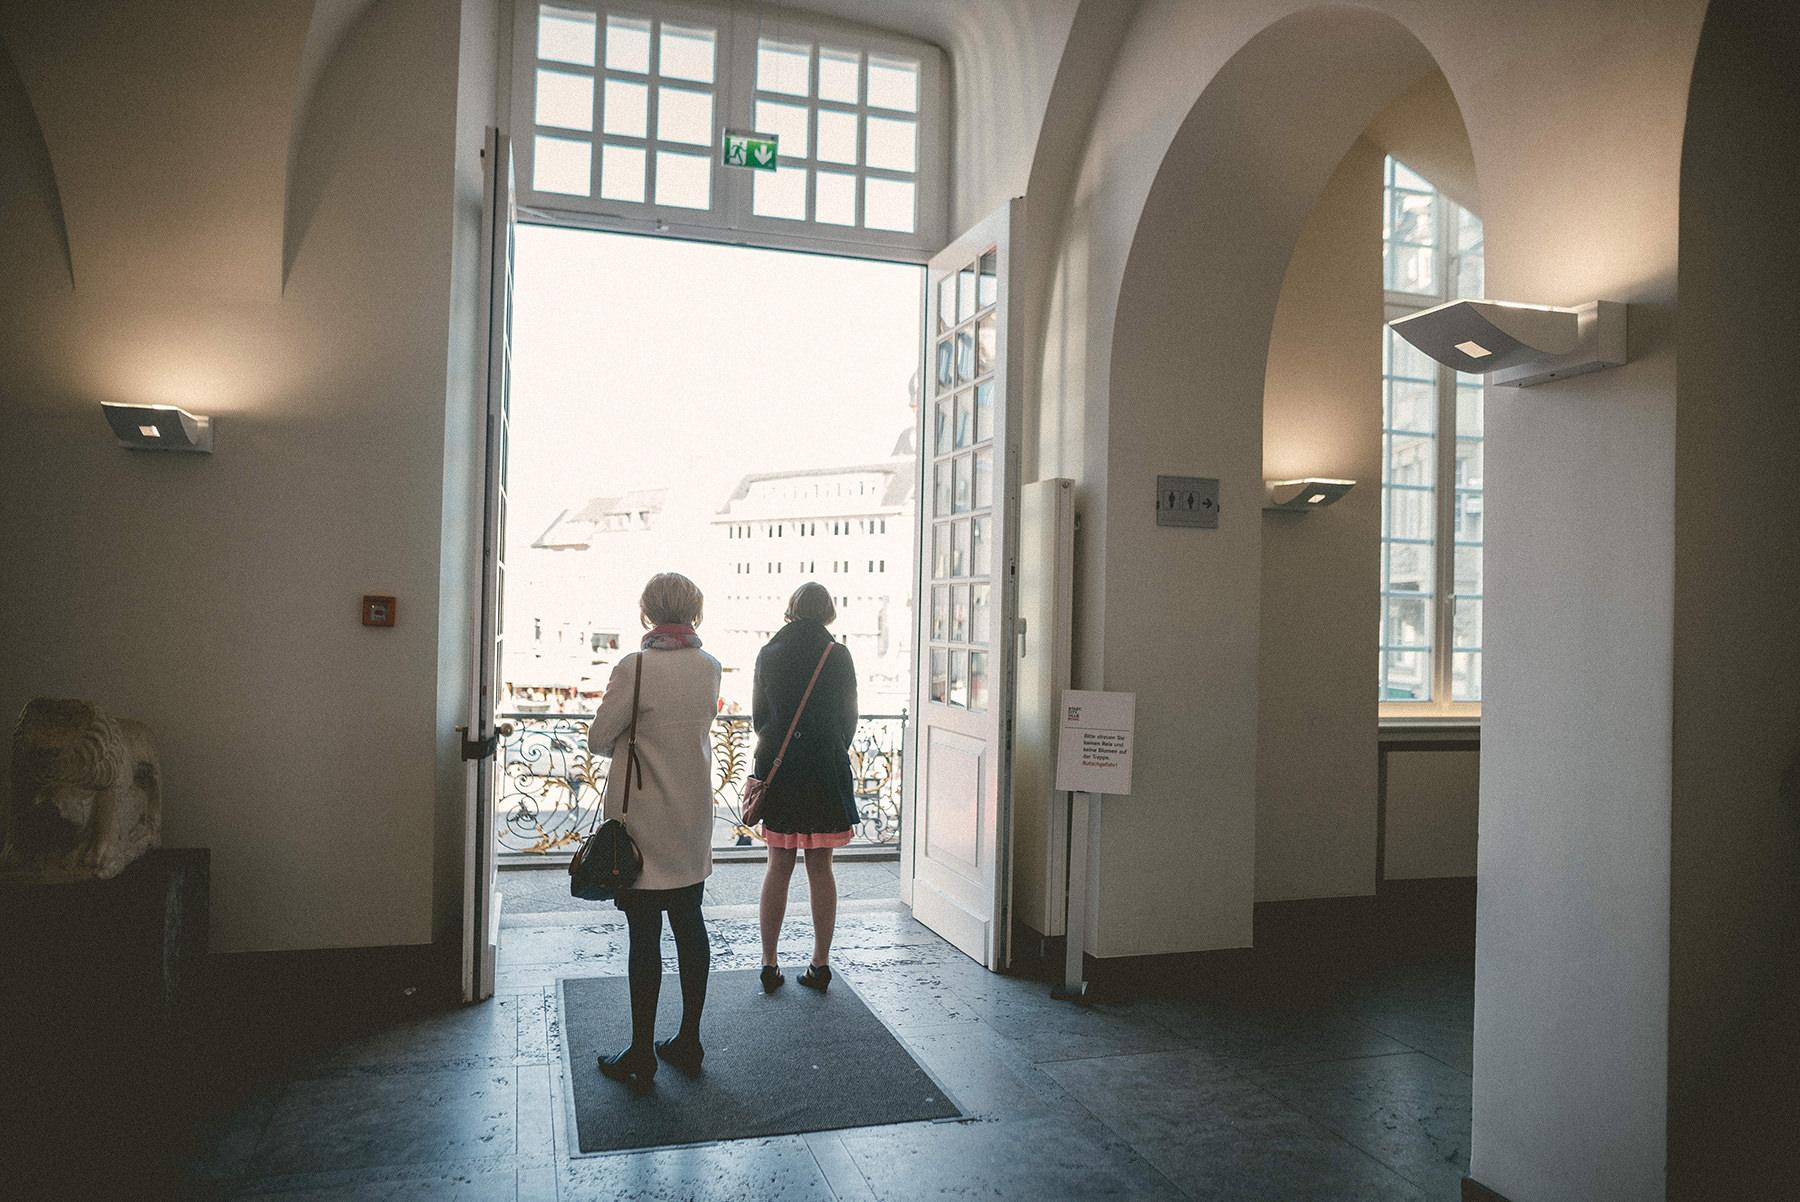 Hochzeit-Bonn-Kirschblüte-Sonja-Oliver-Dreamcatcher-Photography-Hochzeitsfotografie (5)